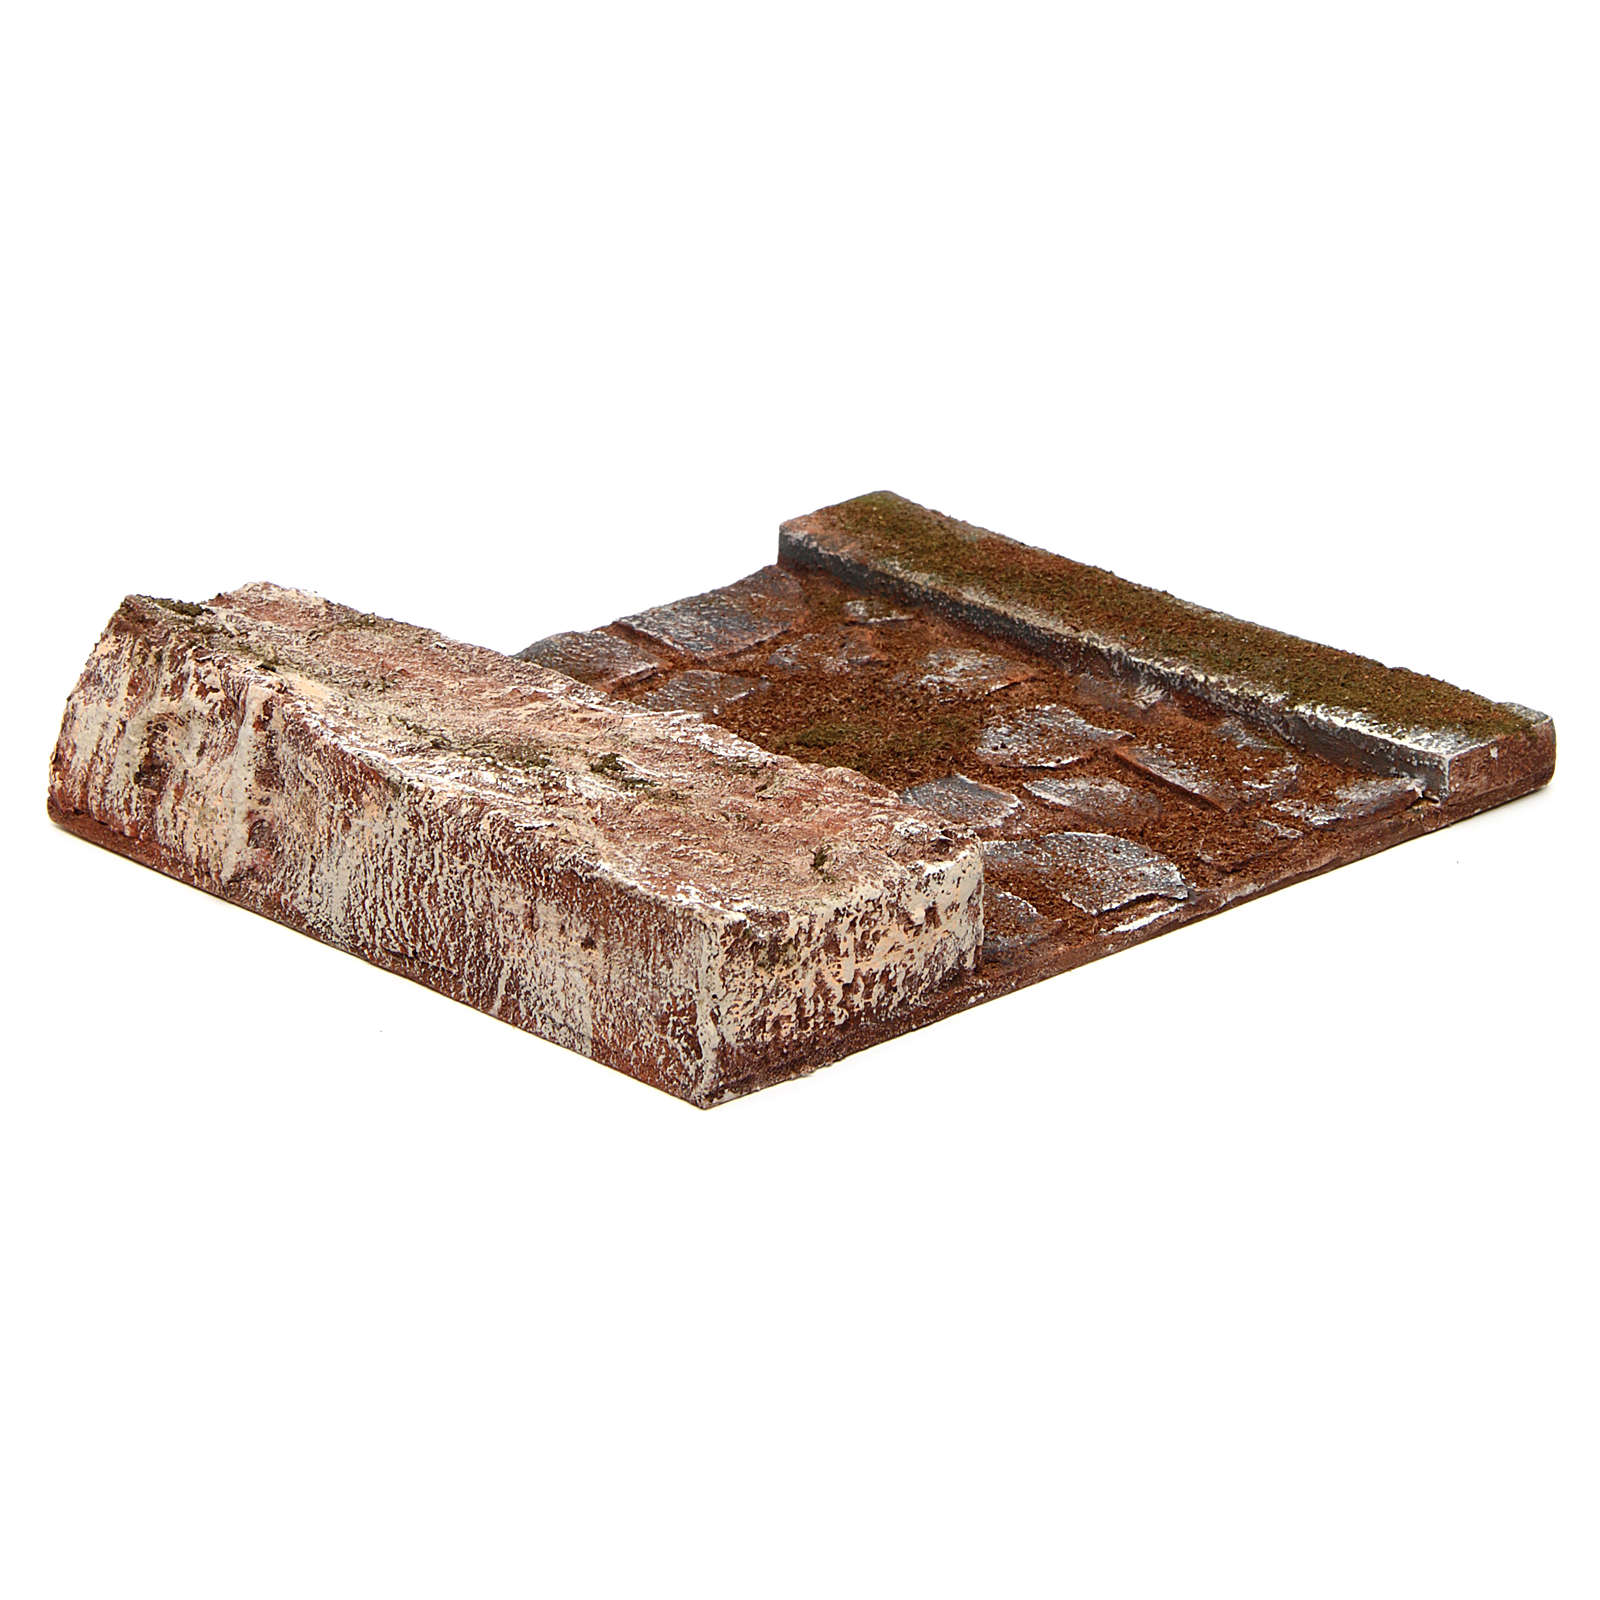 Rectilíneo con roca belén 12 cm de altura media 4